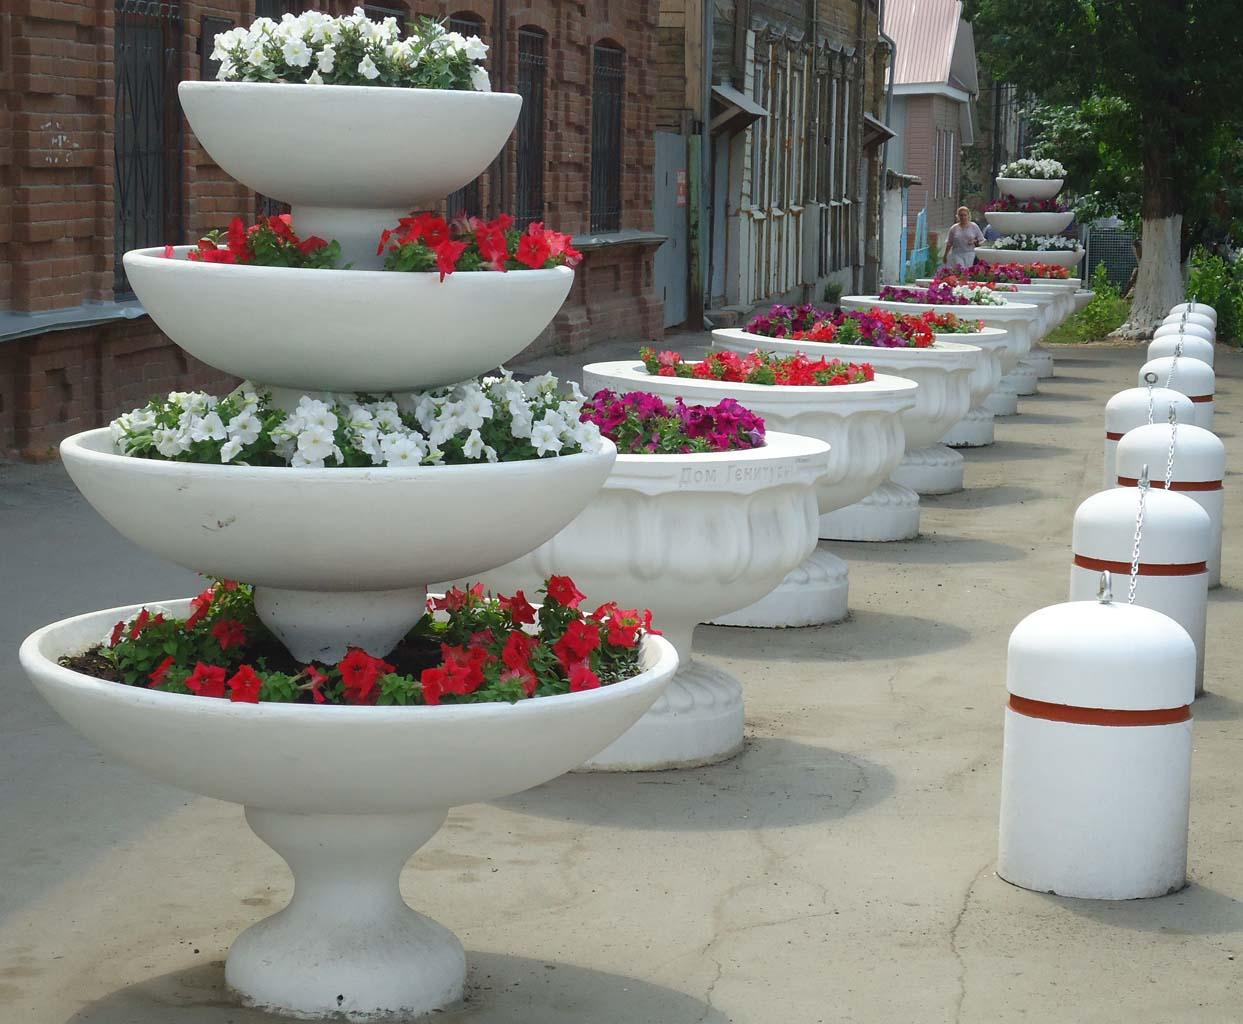 садовый вазон из бетона купить